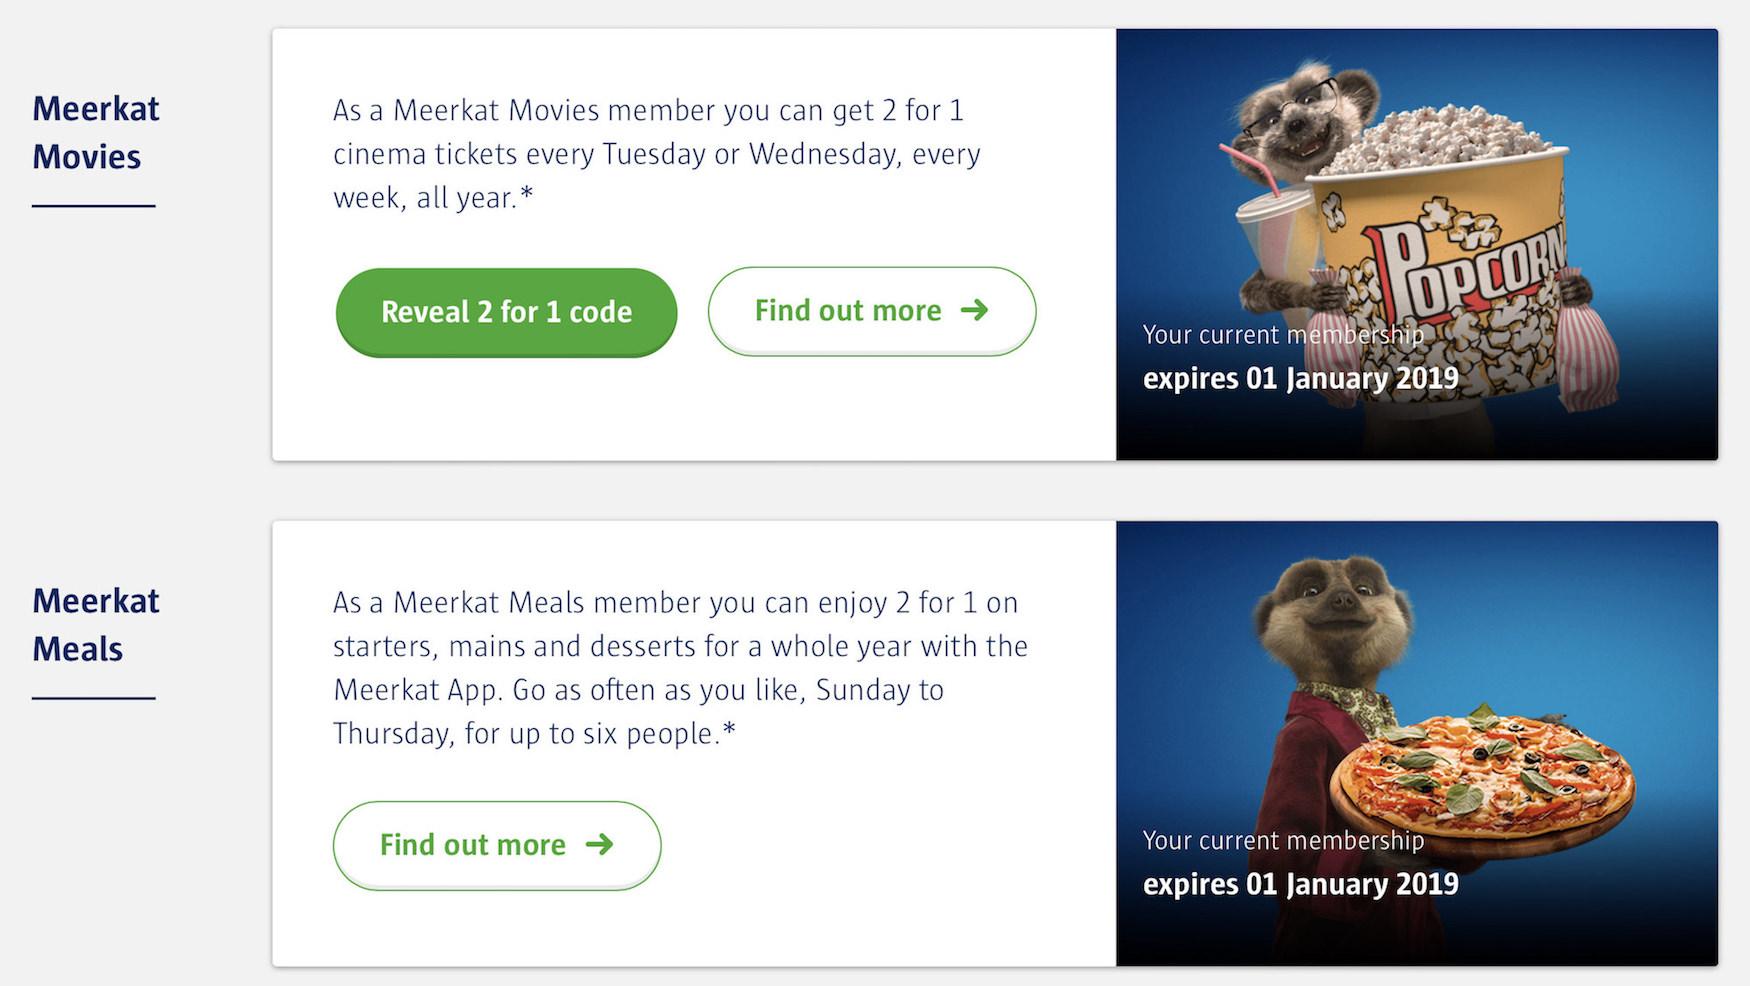 Meerkat Meals and Meerkat Movies